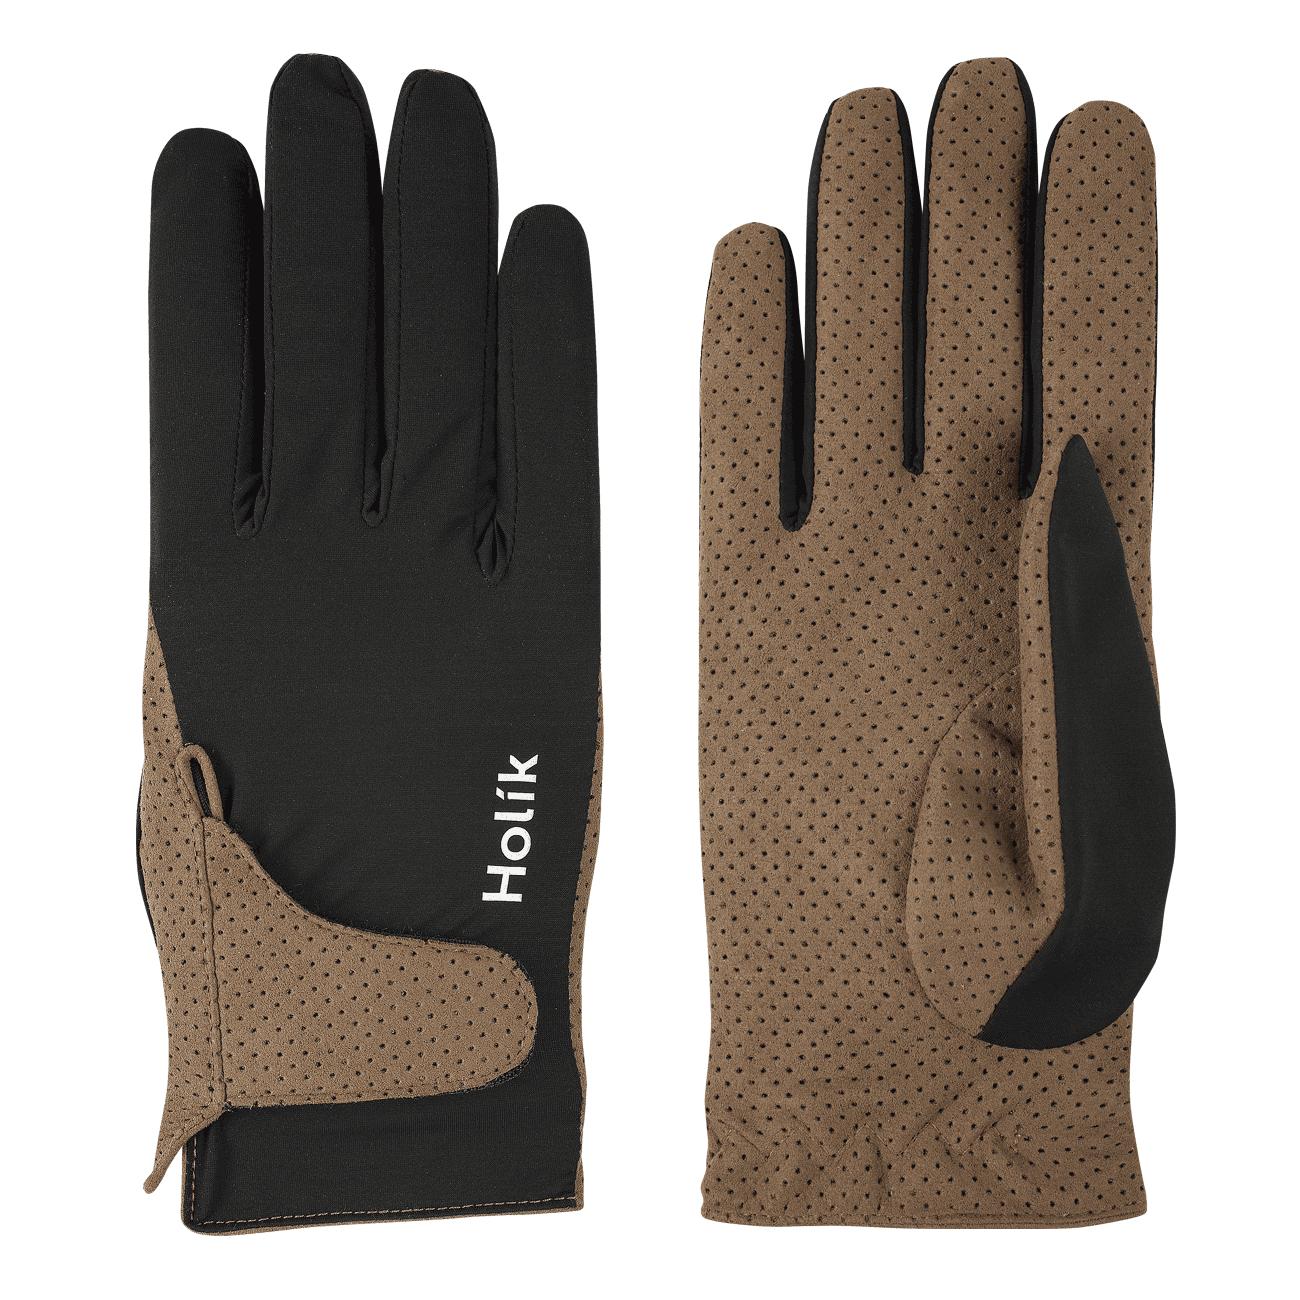 Holik Gloves Alyssa Fingers 8389